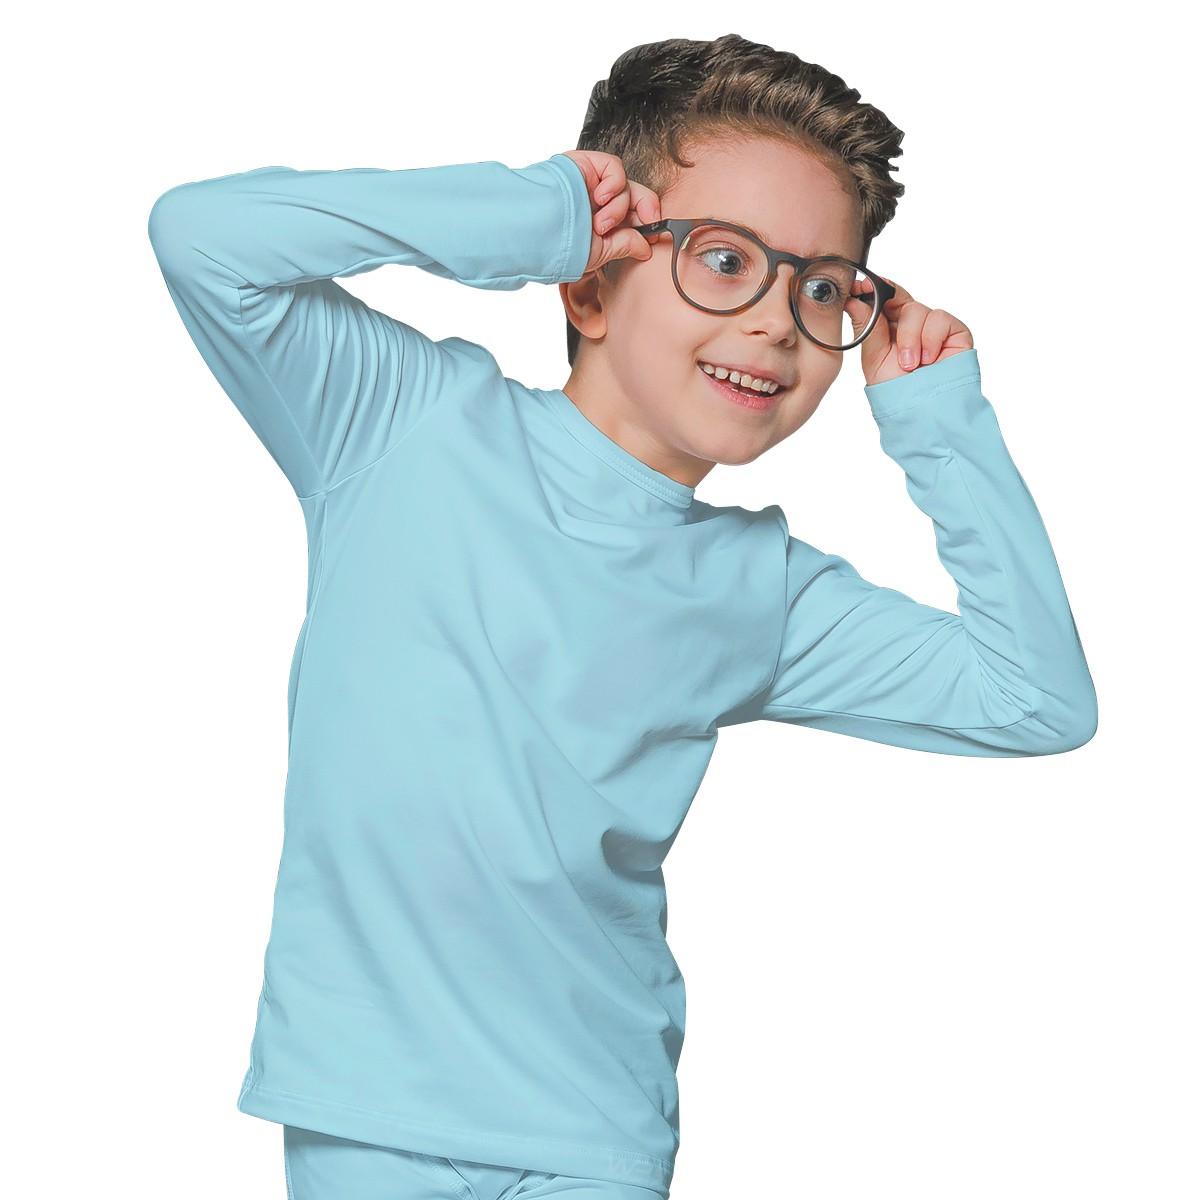 Camiseta Térmica Infantil Unissex Segunda Pele Menino Menina